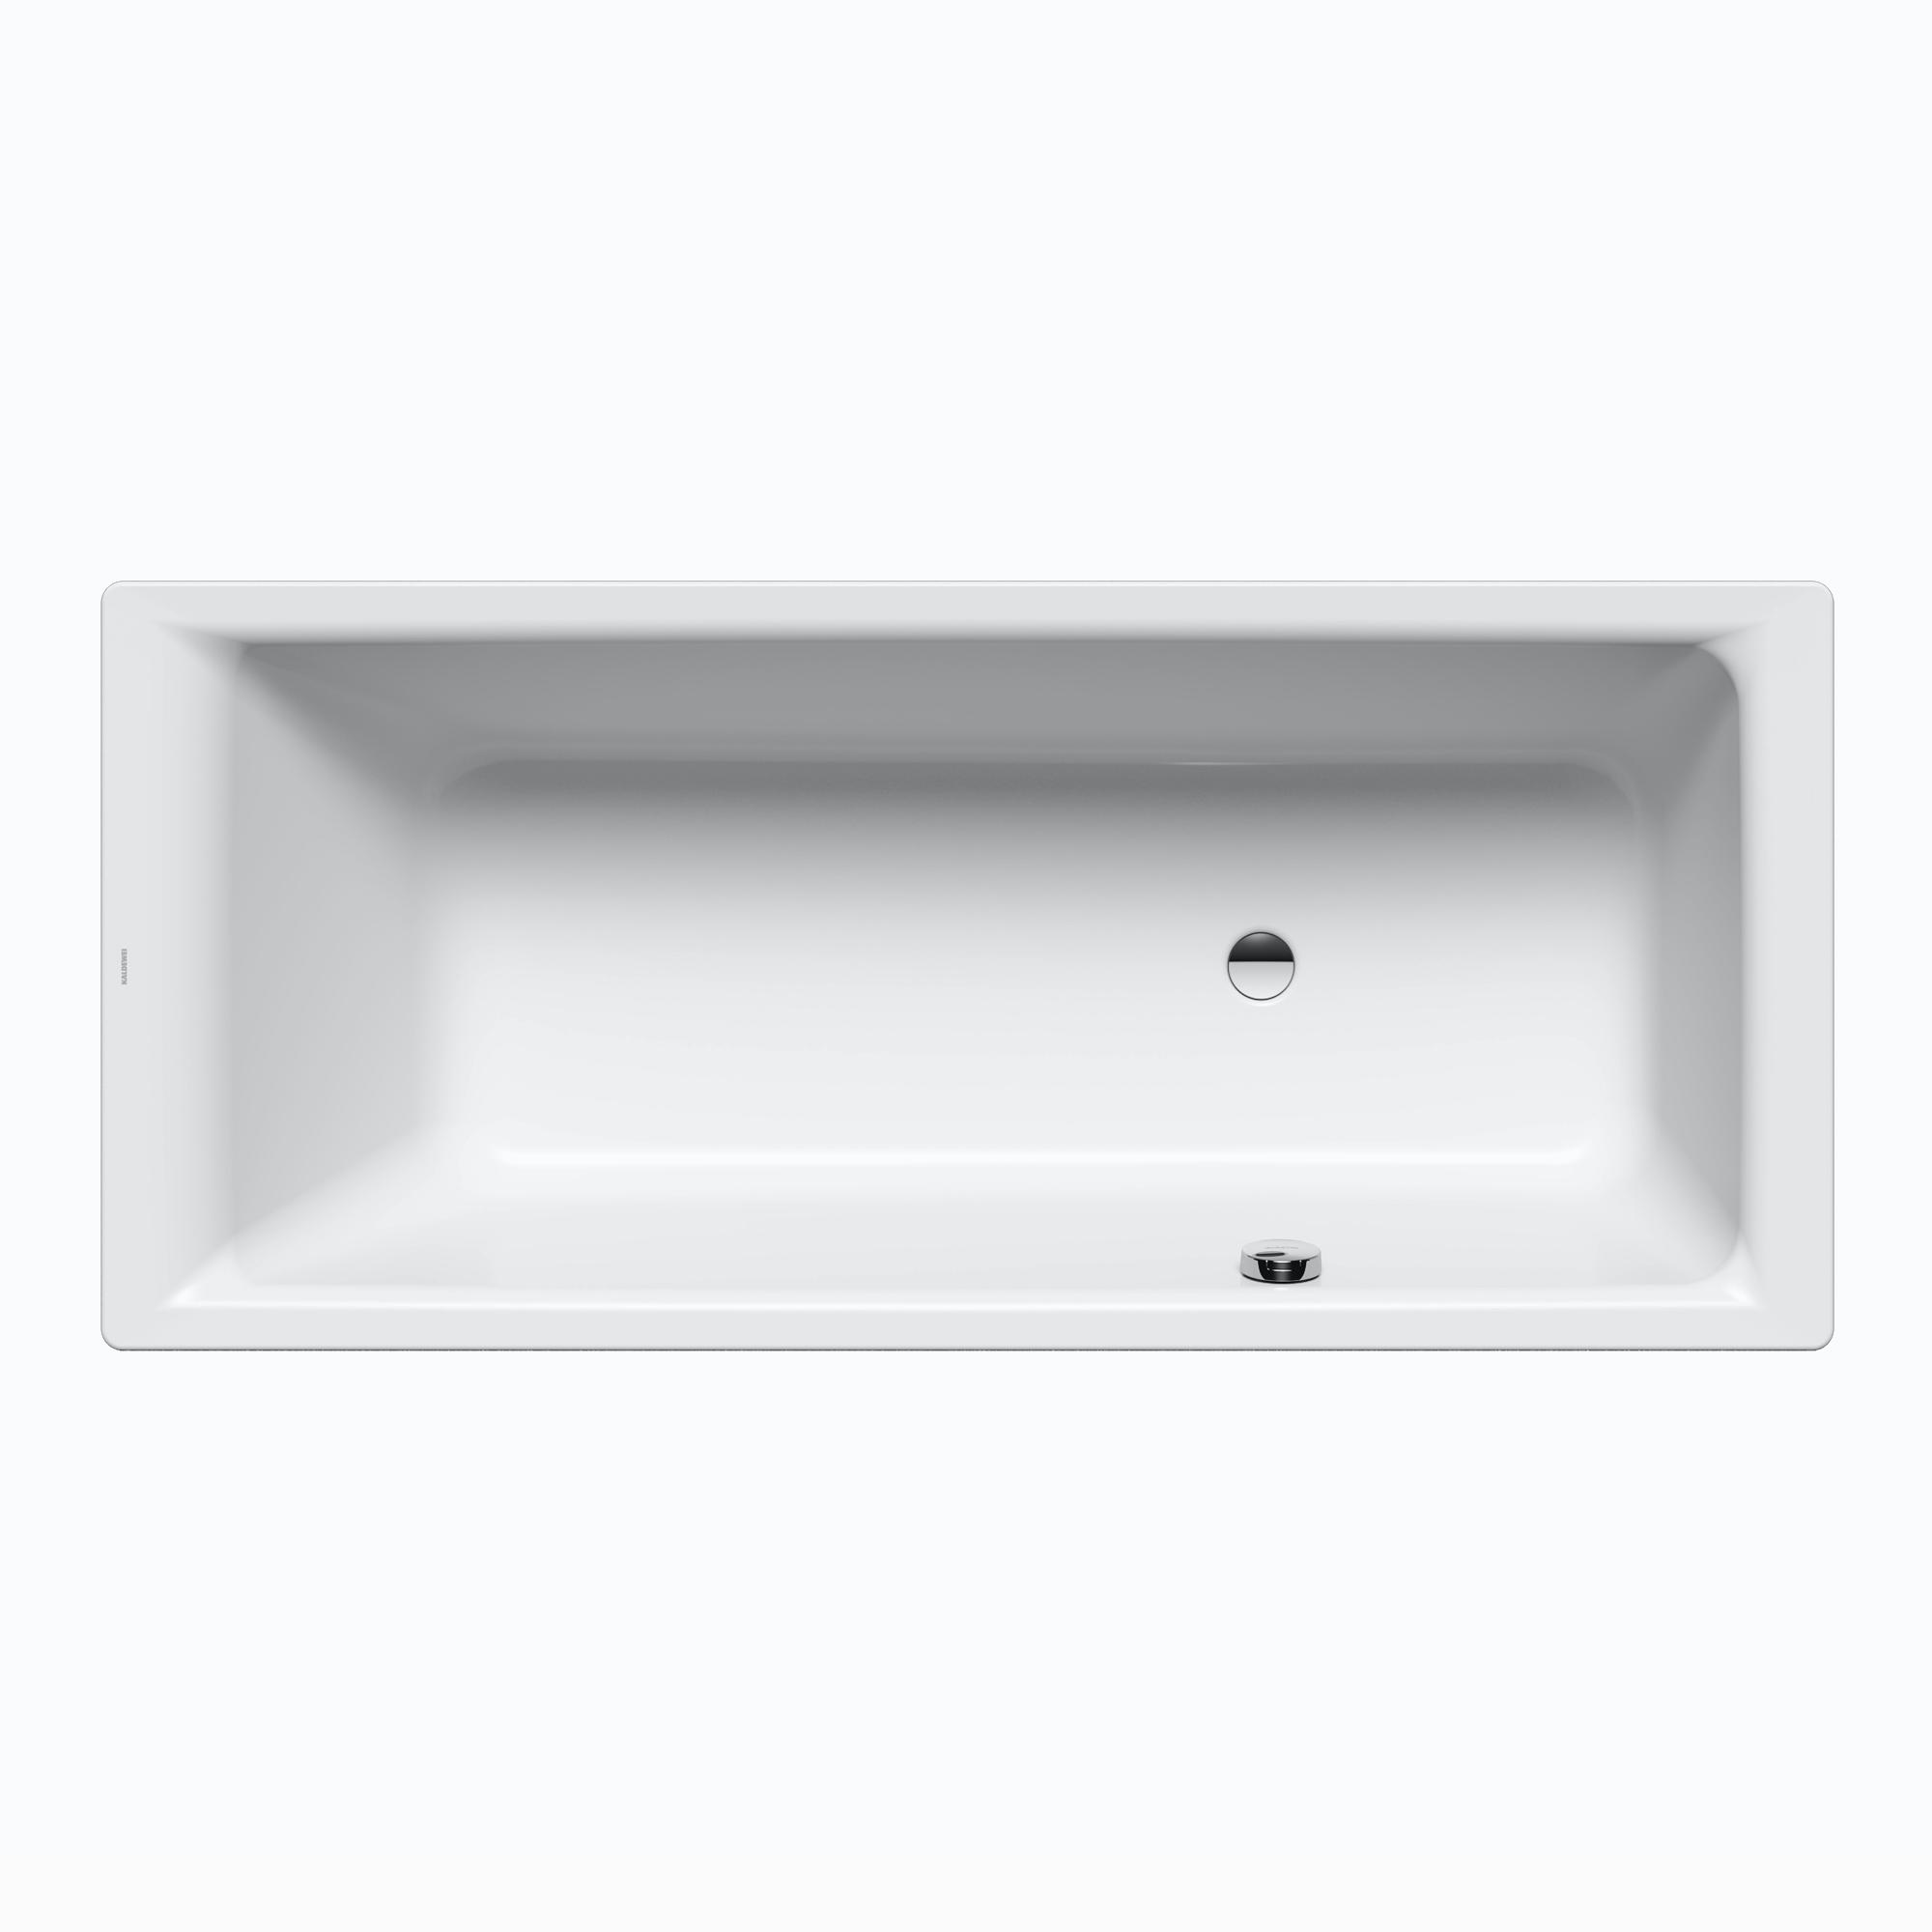 Kaldewei Puro & Puro Star Rechteck Badewanne mit seitlichem Überlauf weiß  mit Perl Effekt